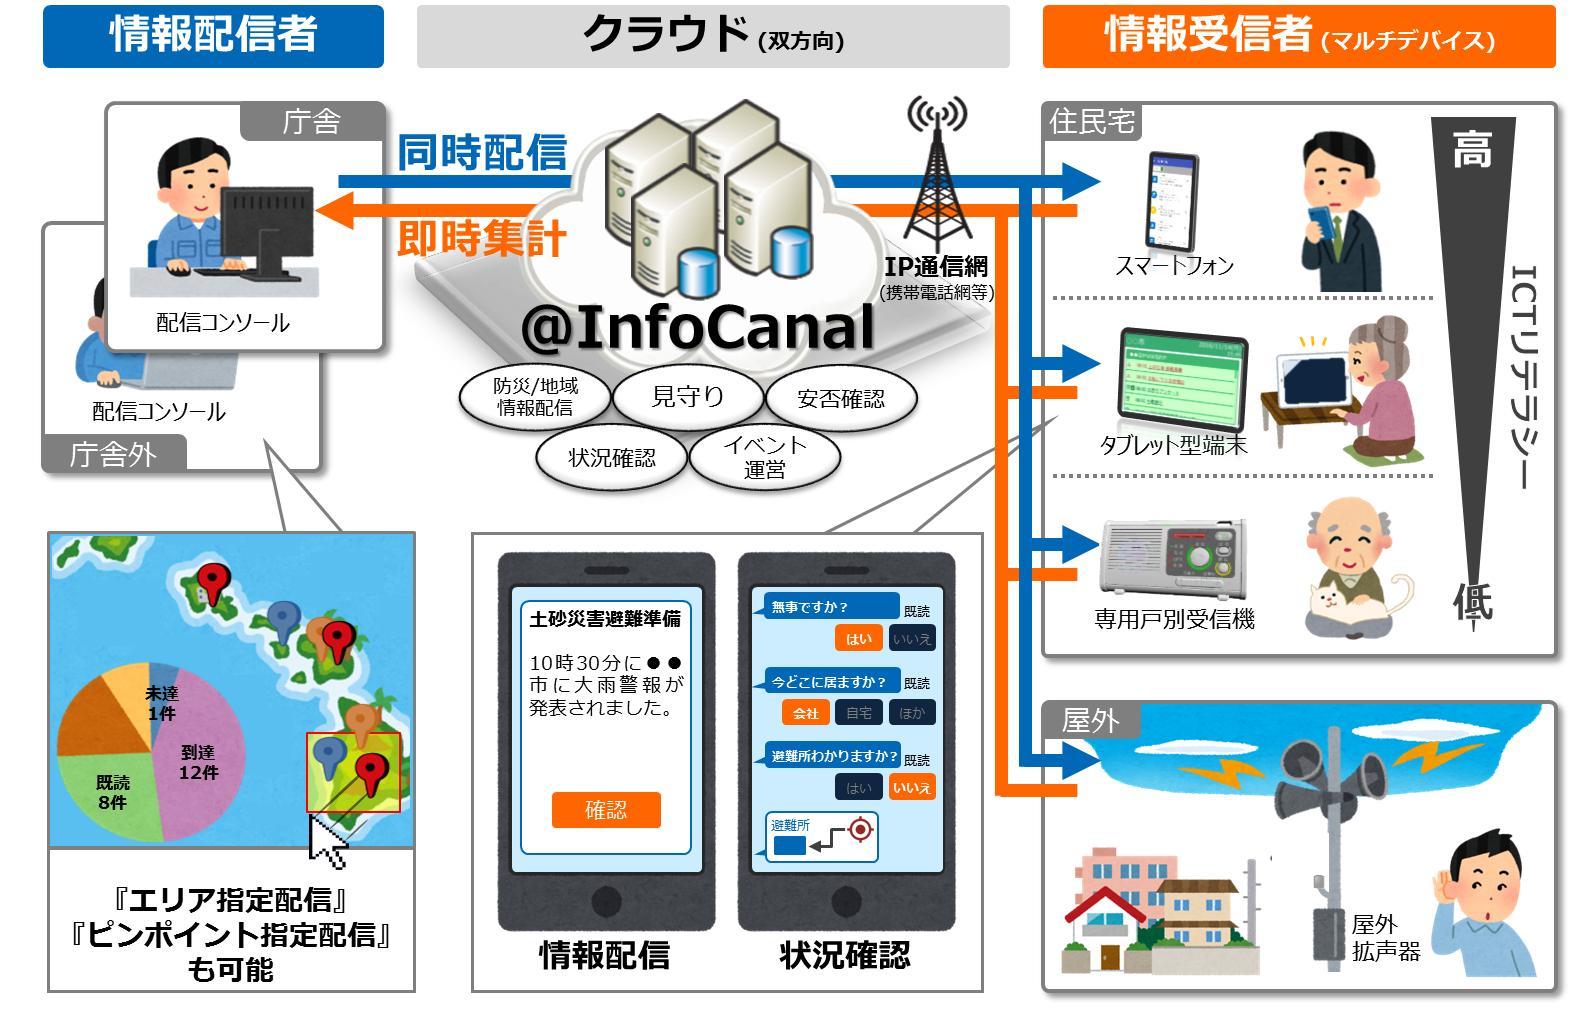 「@InfoCanal」サービス概要図